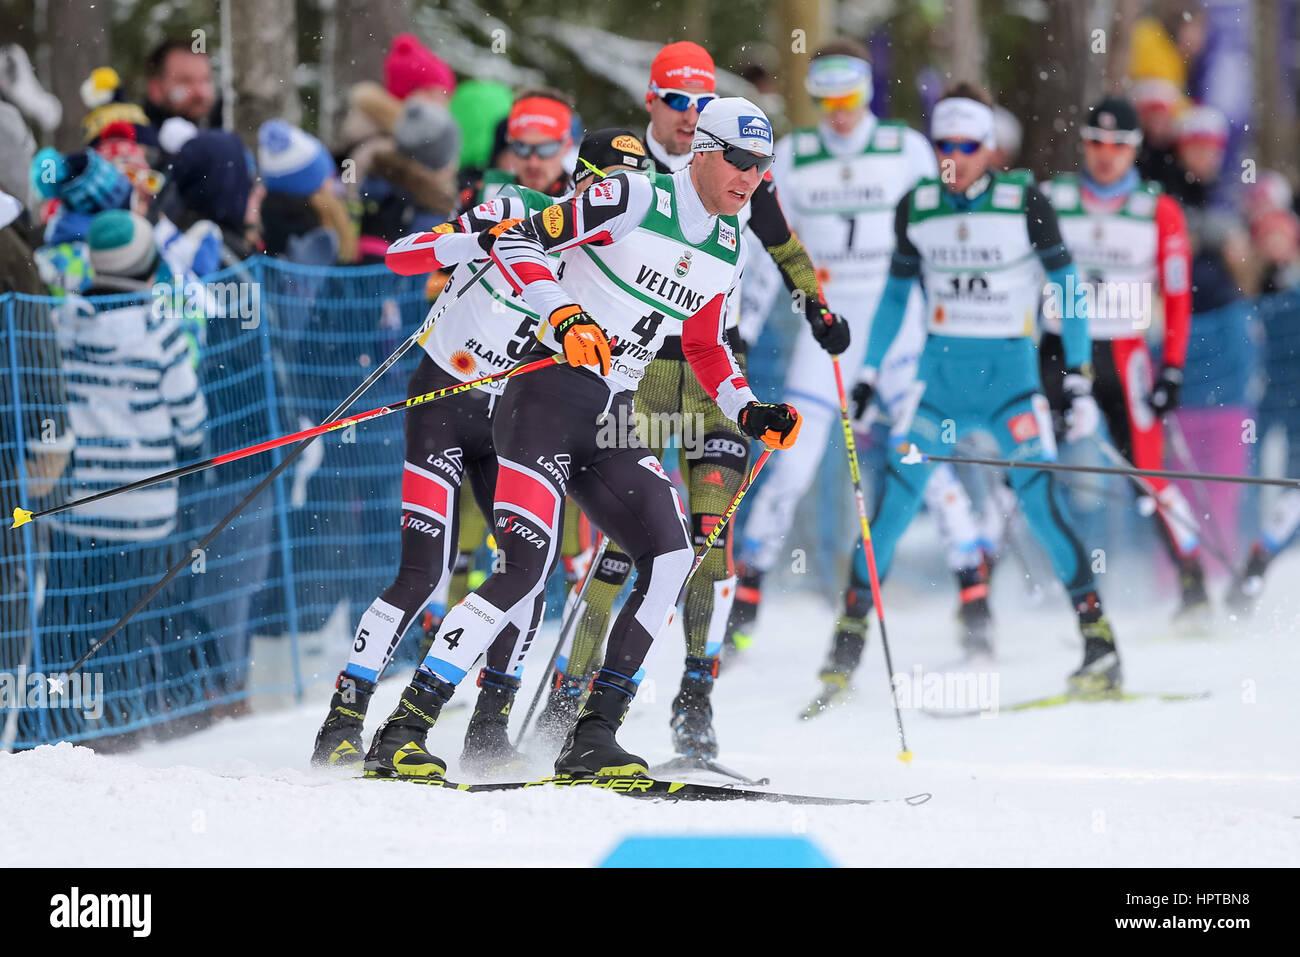 Lahti, Finlandia. 24 Feb, 2017. 24.02.2017 Lahti Bernhard Gruber (AUT), campeonatos de Esquí Nórdico FIS, el nórdico Foto de stock